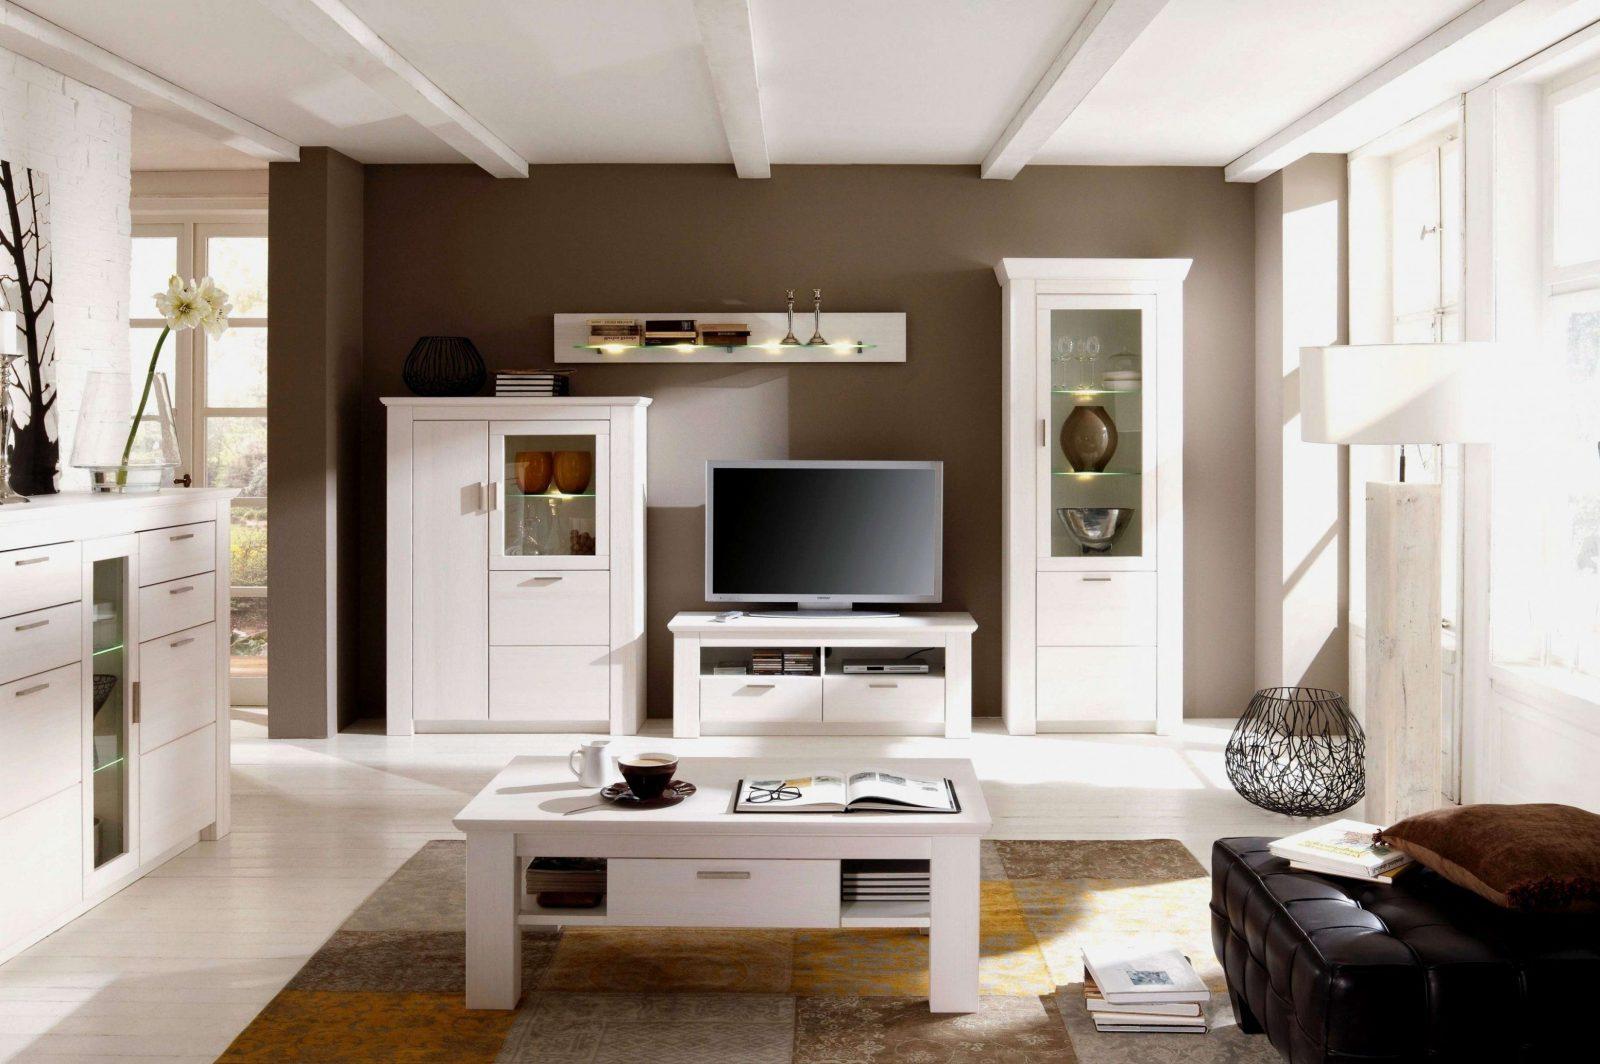 Wohnzimmermobel Test Wohnzimmer Einrichten Decke Balken Weiss